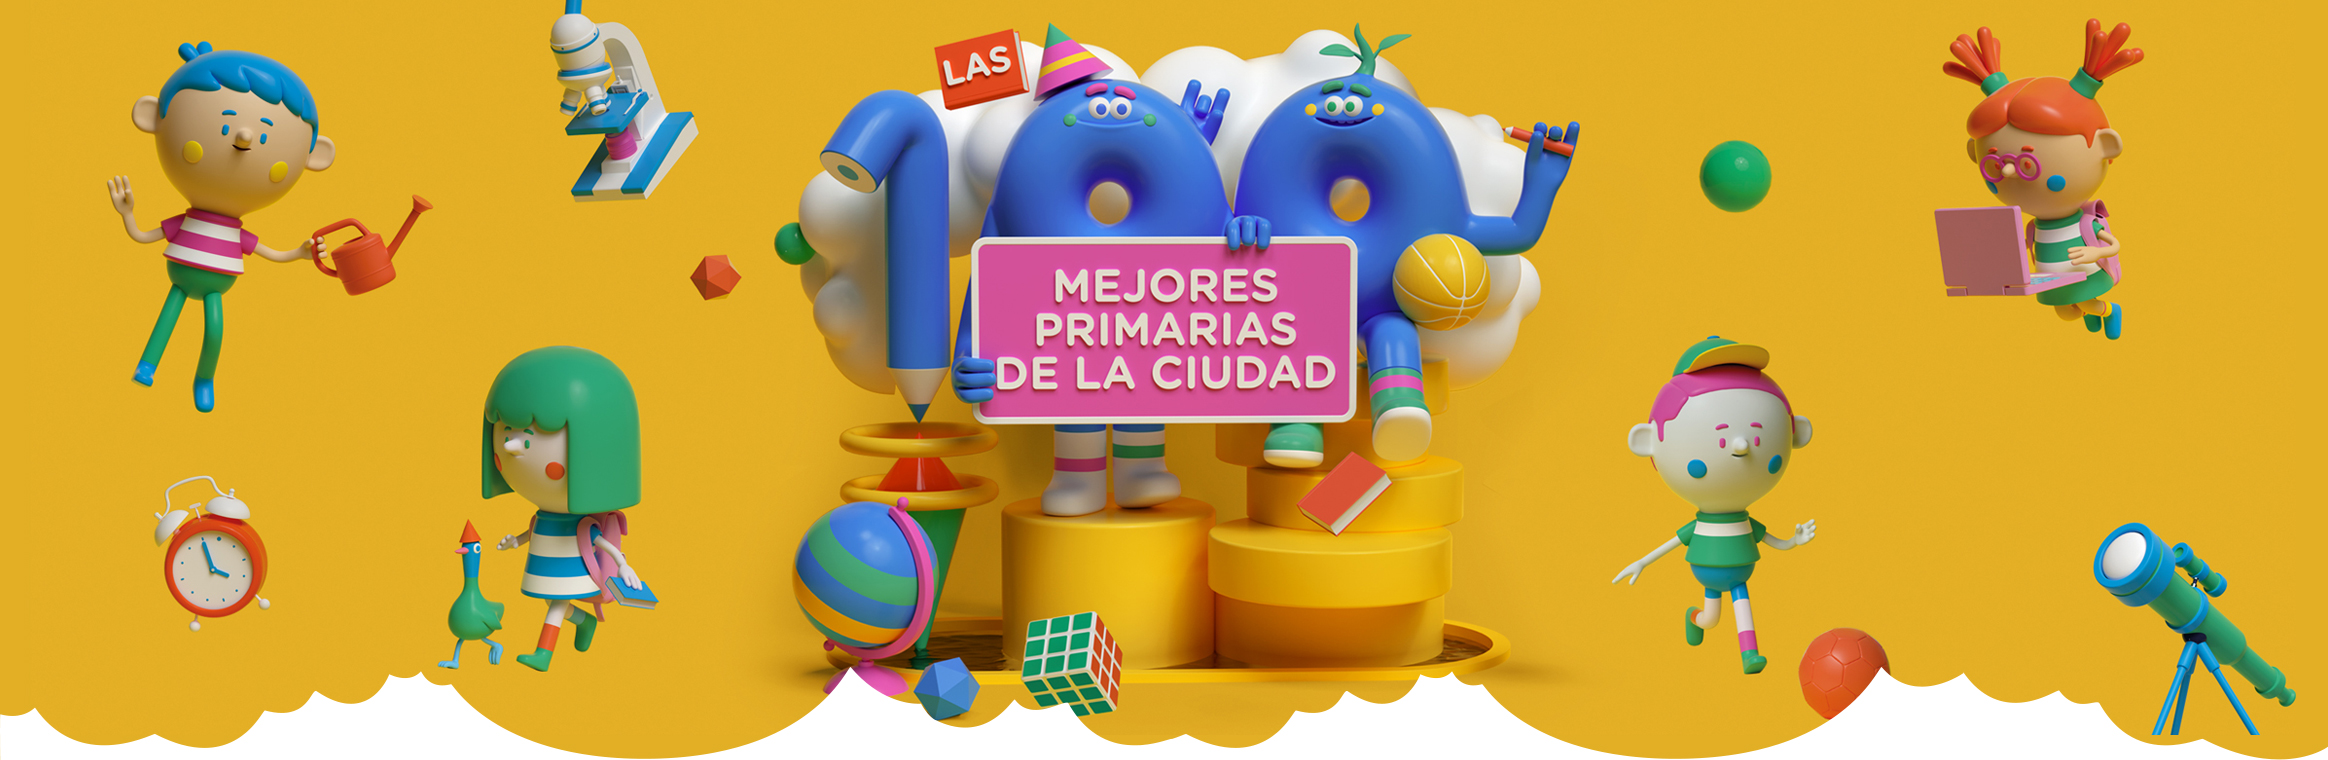 Chilango Las 100 Mejores Primarias CDMX